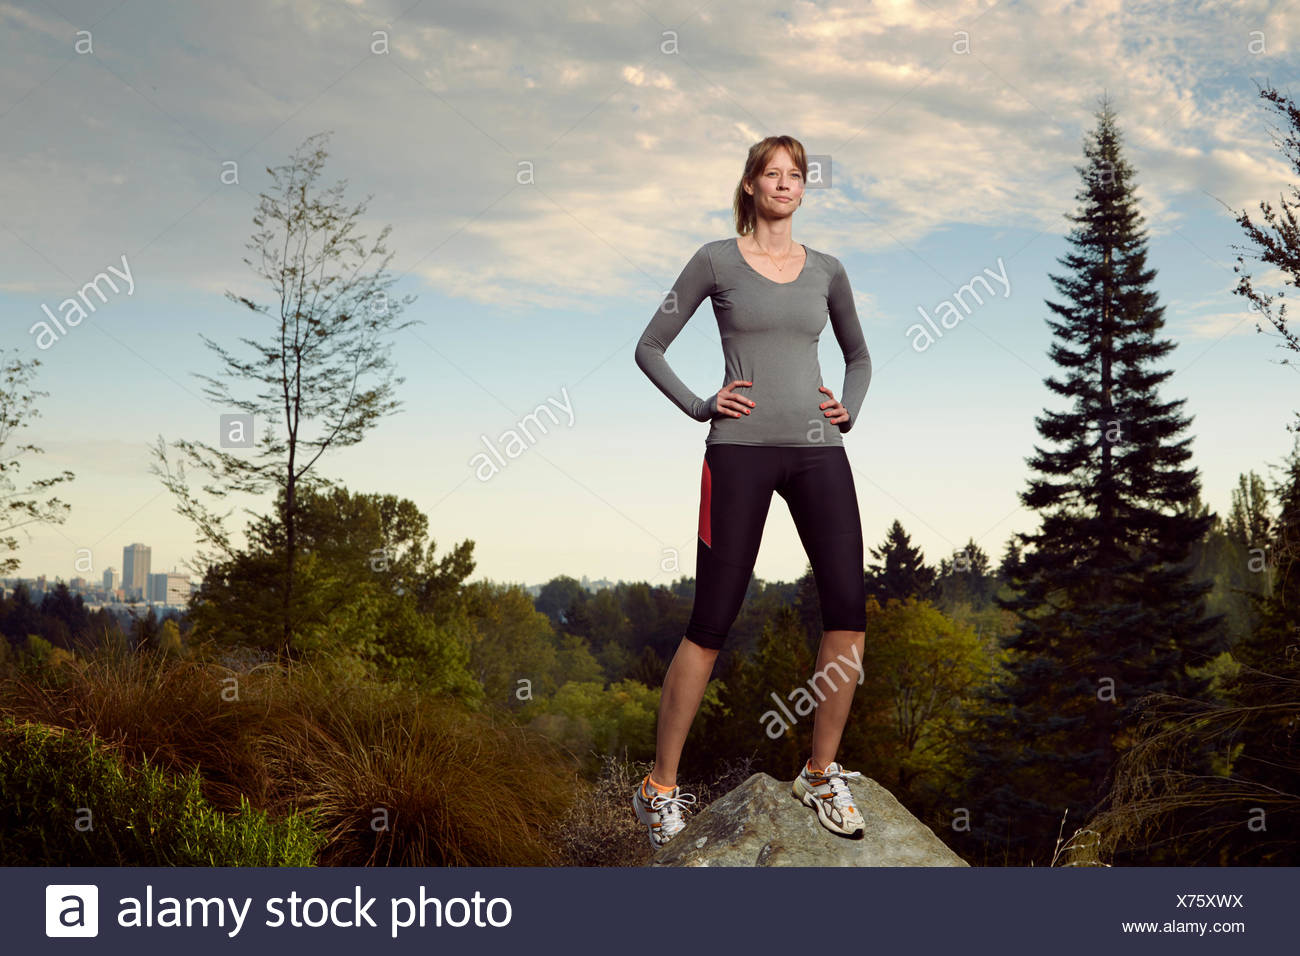 Ritratto di donna runner sulla parte superiore di boulder in posizione di parcheggio Immagini Stock